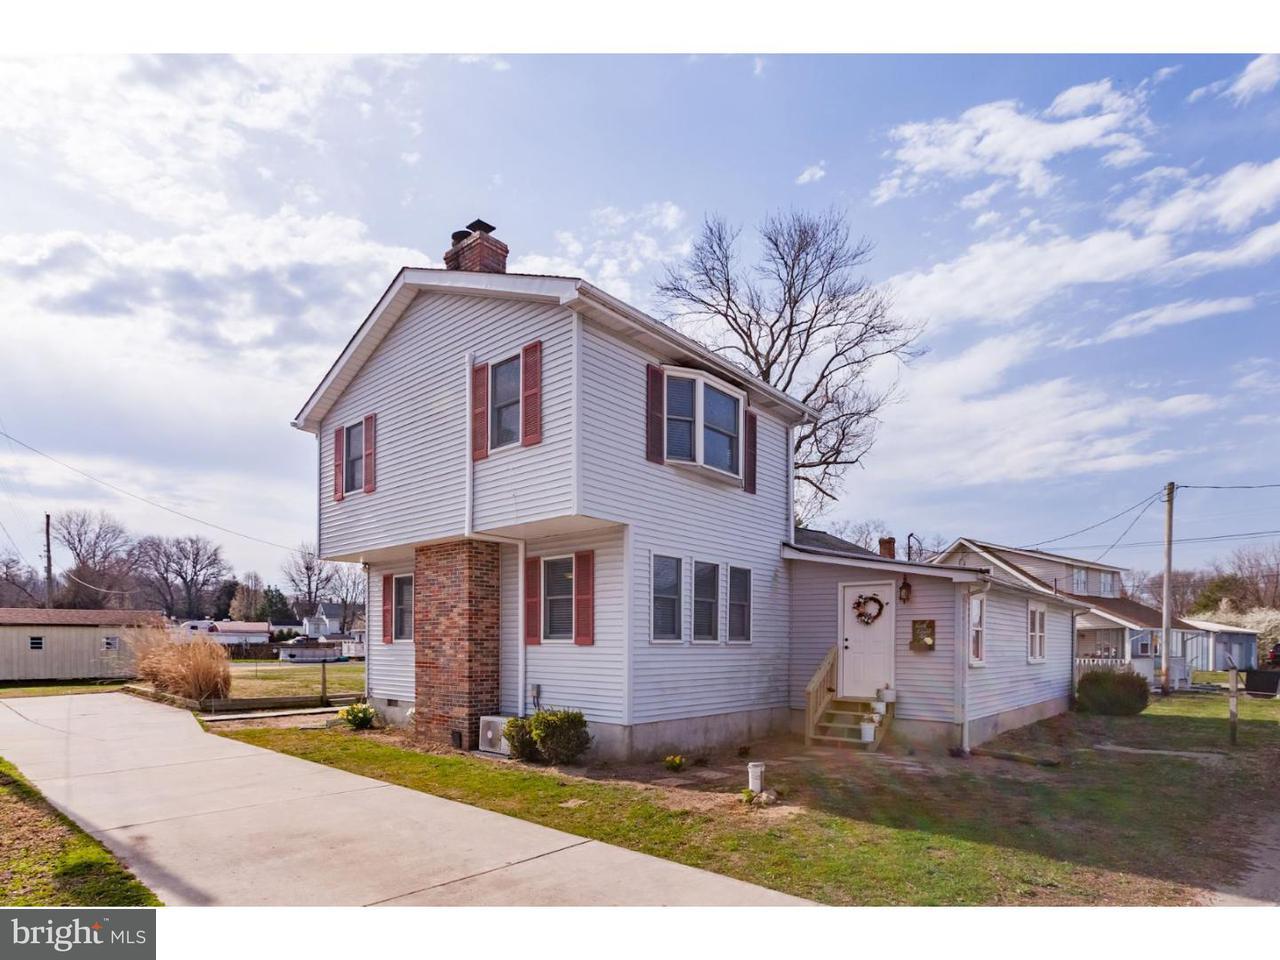 Частный односемейный дом для того Продажа на 12 S LOCUST Avenue Elsinboro Township, Нью-Джерси 08079 Соединенные Штаты